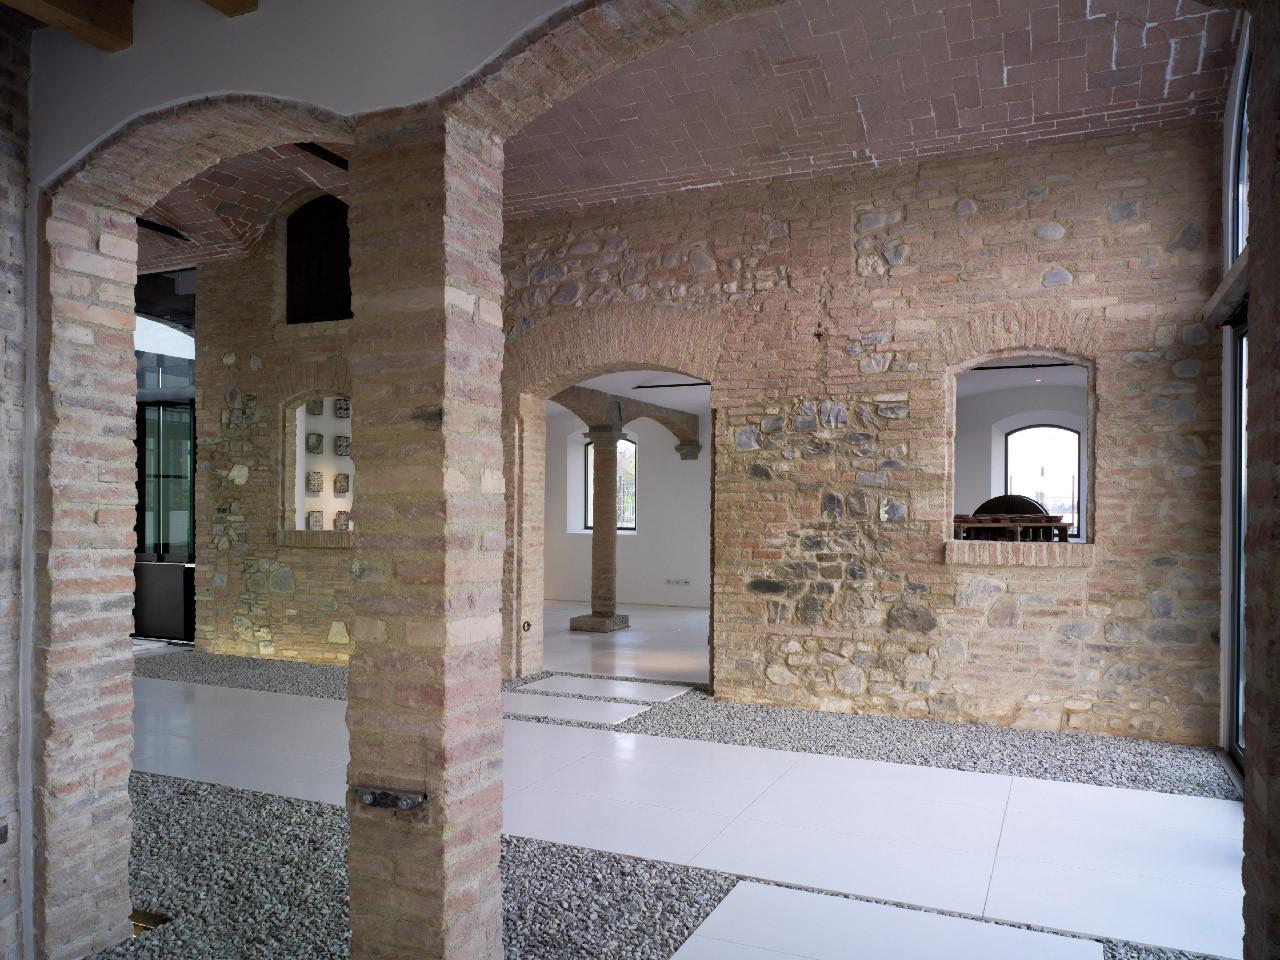 Casalgrande Old House / Kengo Kuma & Associates, © Marco Introini